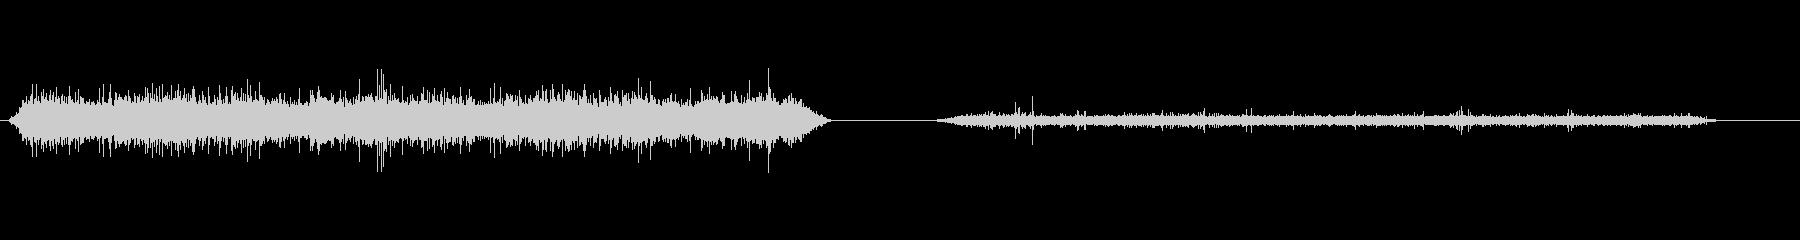 水族館-バブルボム-2バージョンの未再生の波形